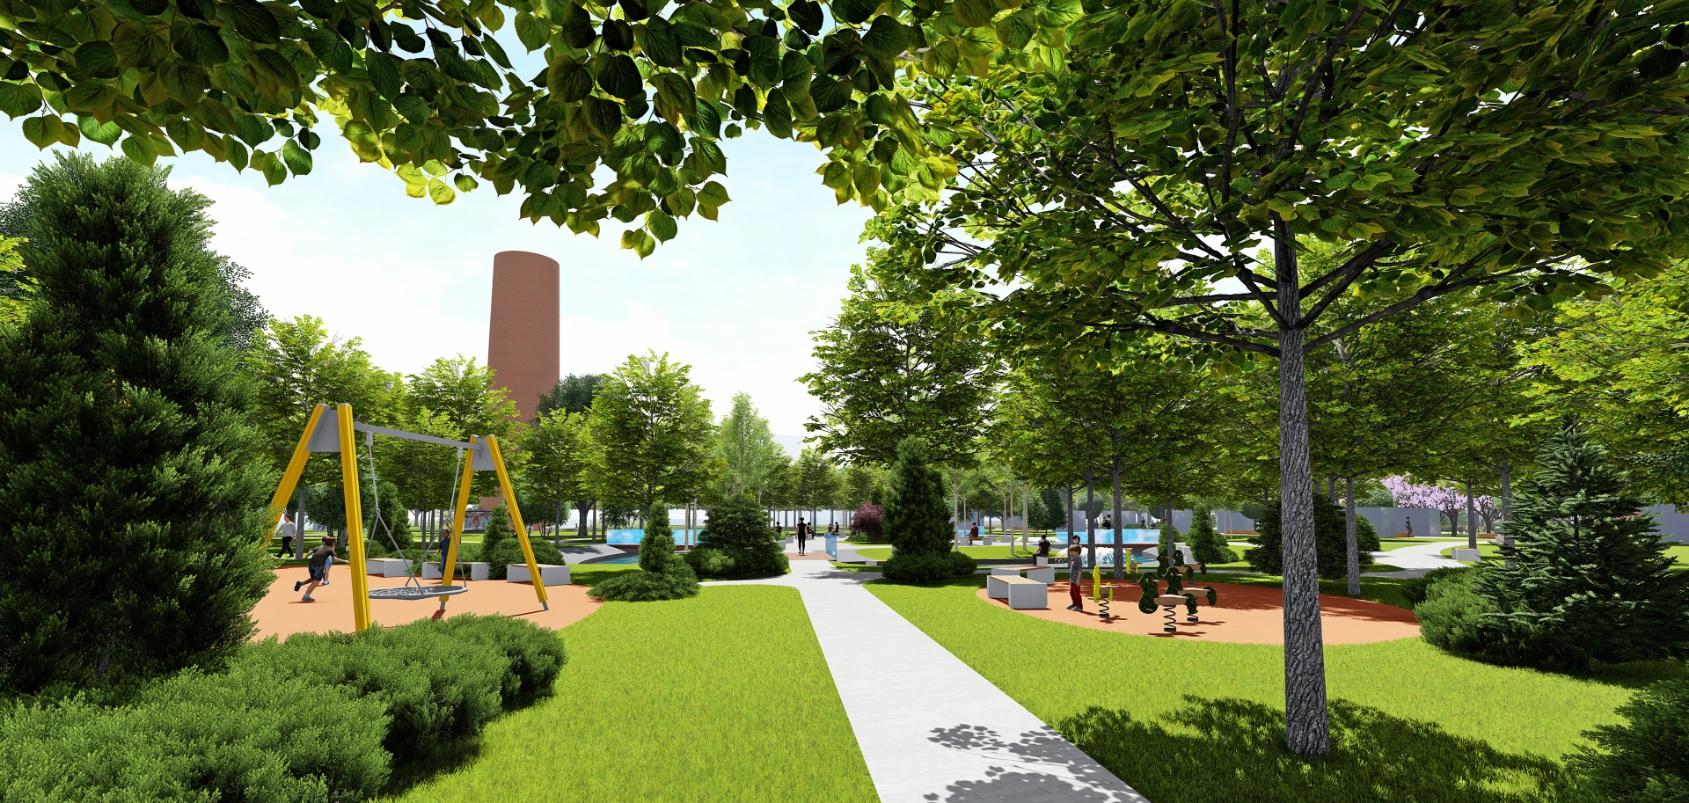 У Фастові оприлюднили проєкт реконструкції міського парку імені Гагаріна - Фастів, реконструкція, парк імені Гагаріна - Park9